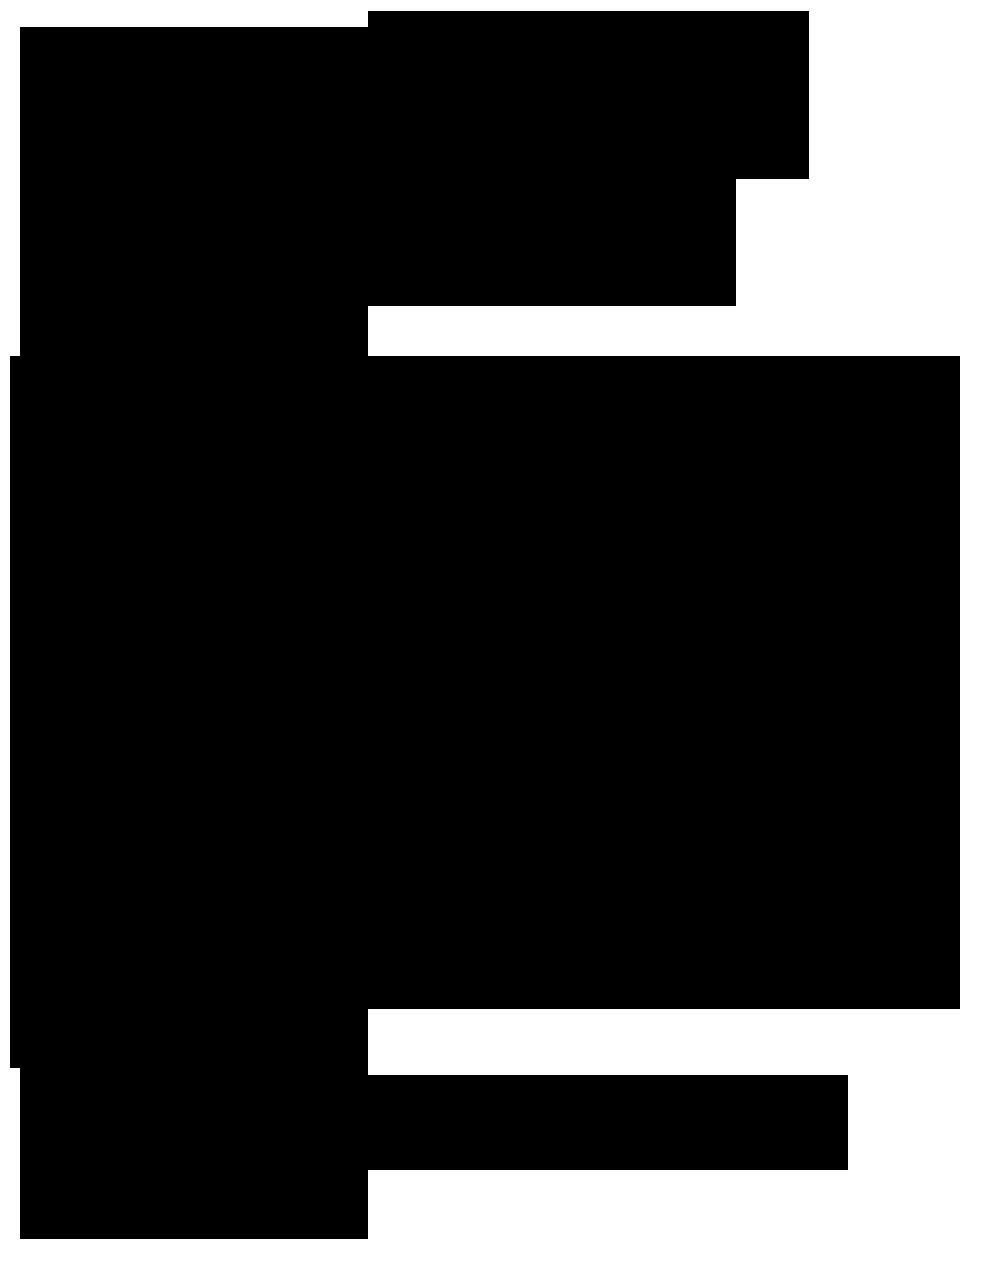 МАТЕРІАЛЬНИЙ ЗВІТ (Типова форма № М-19)